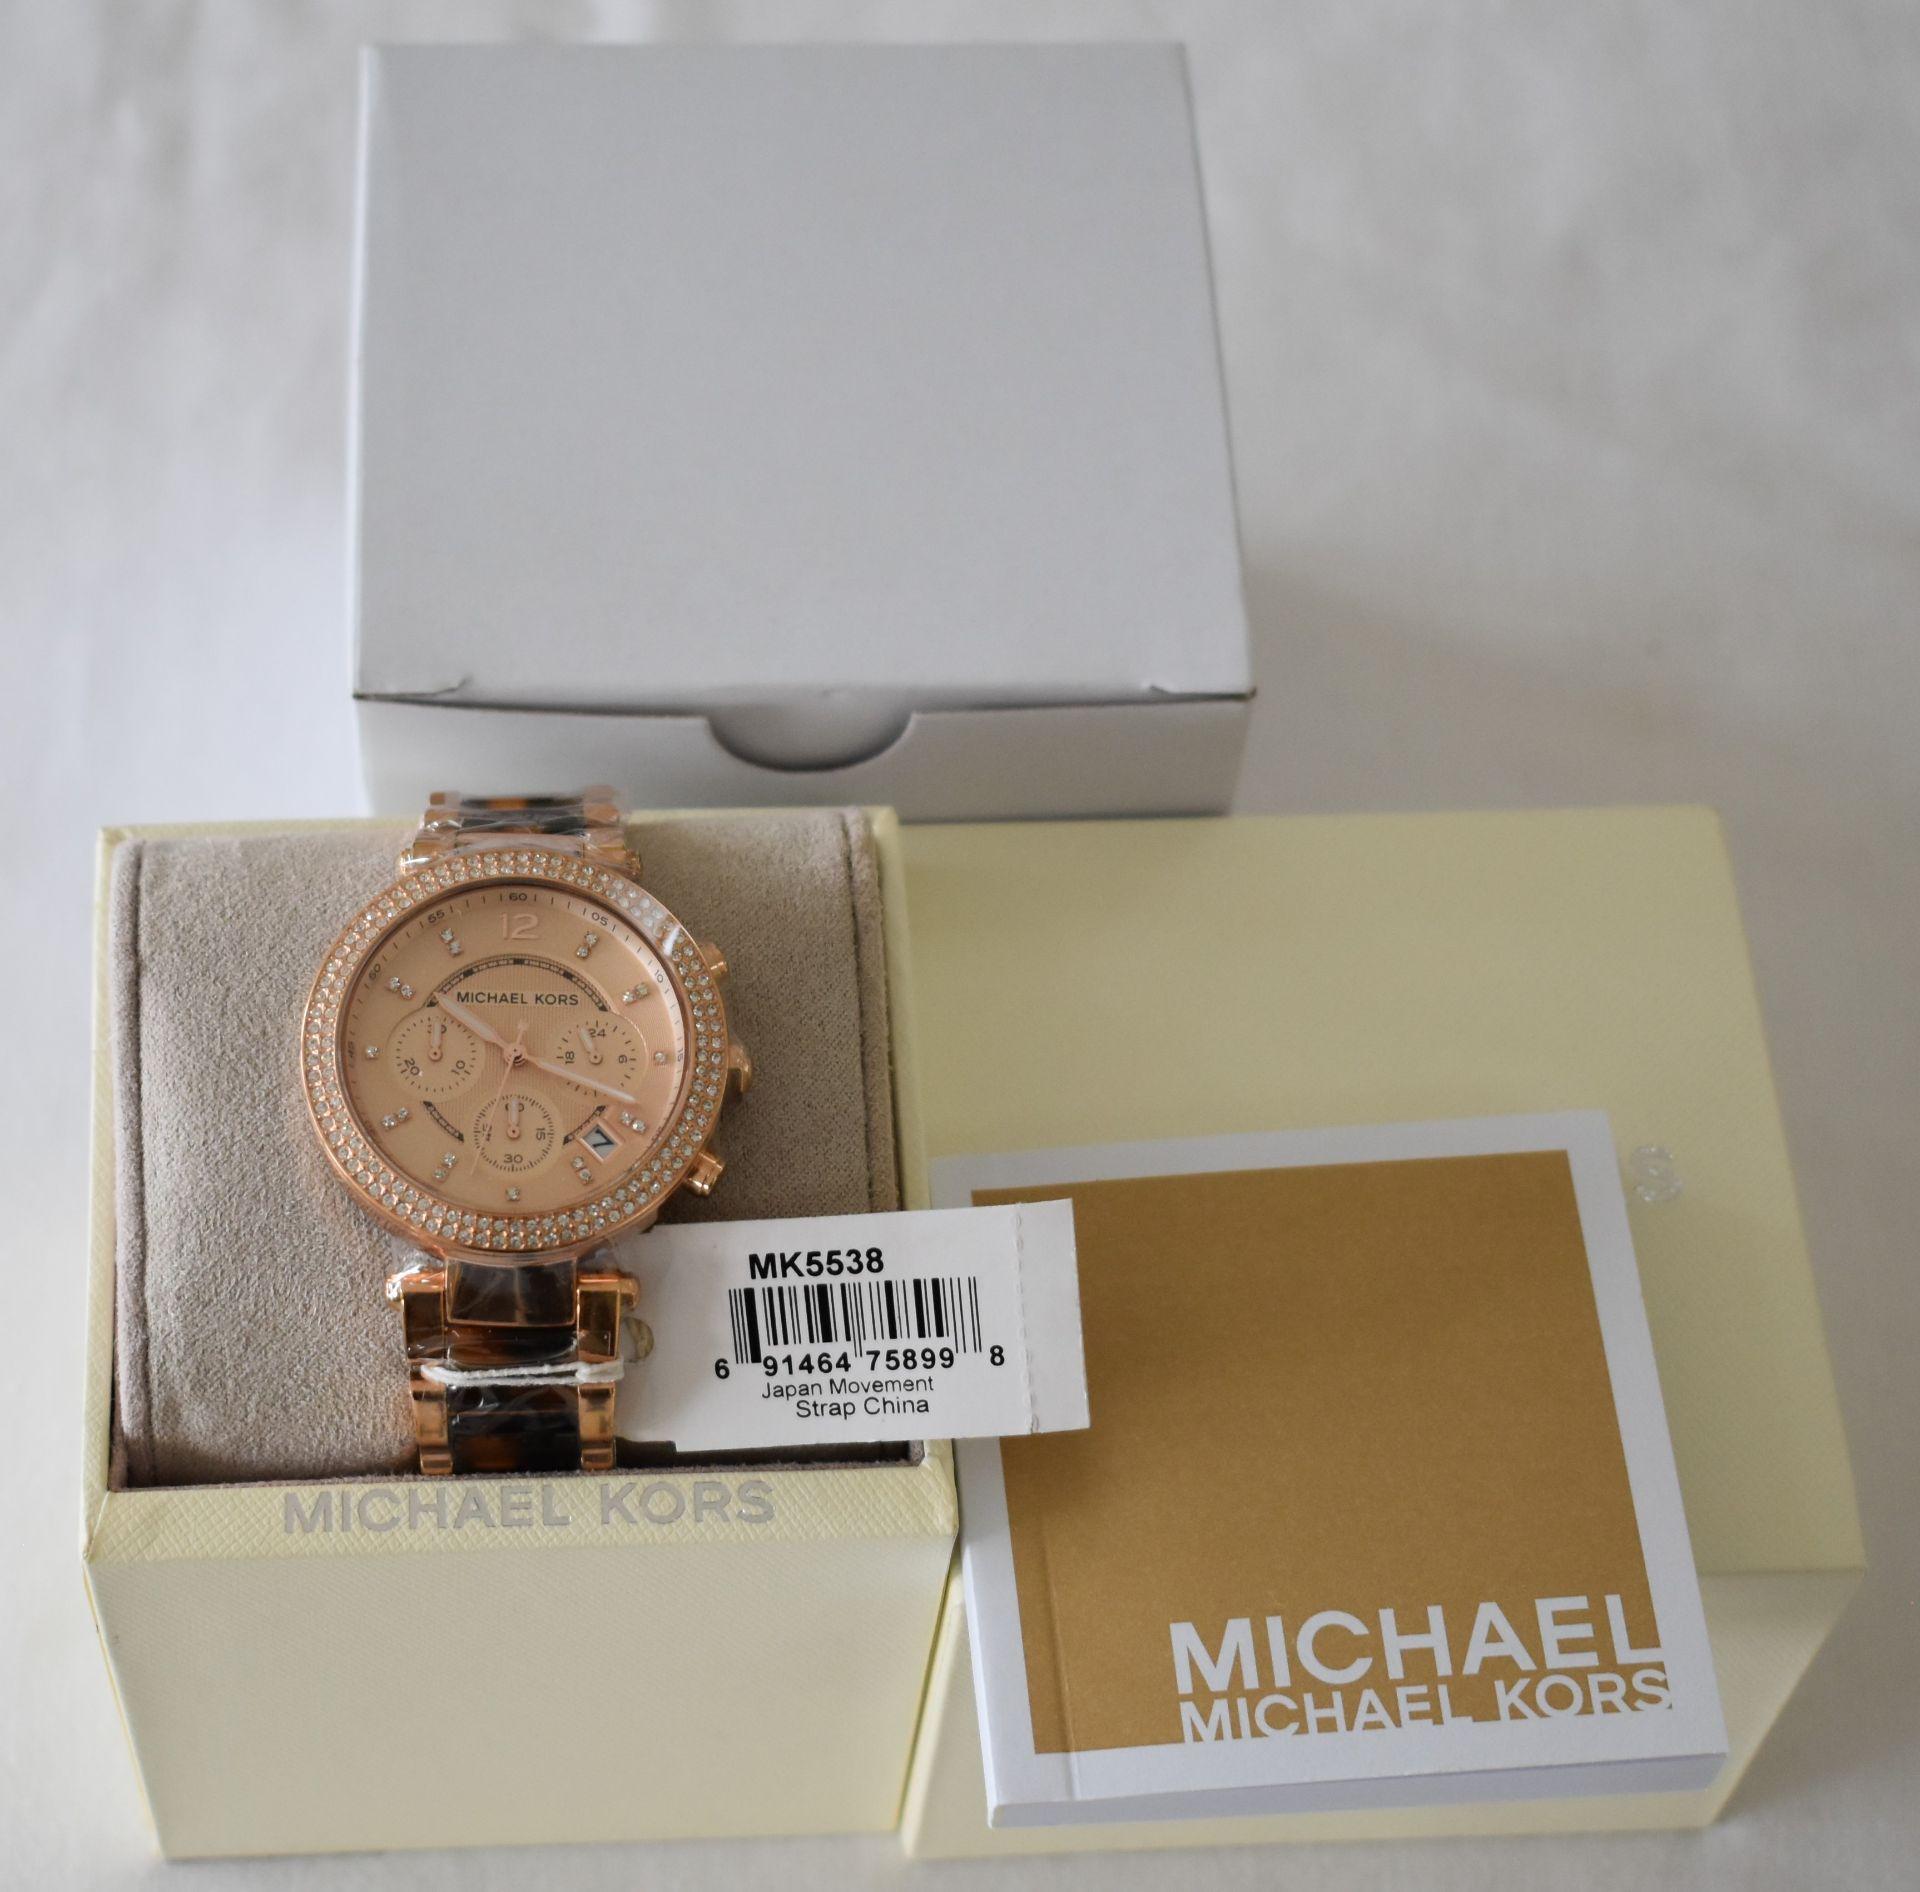 Michael Kors MK5538 Ladies Watch